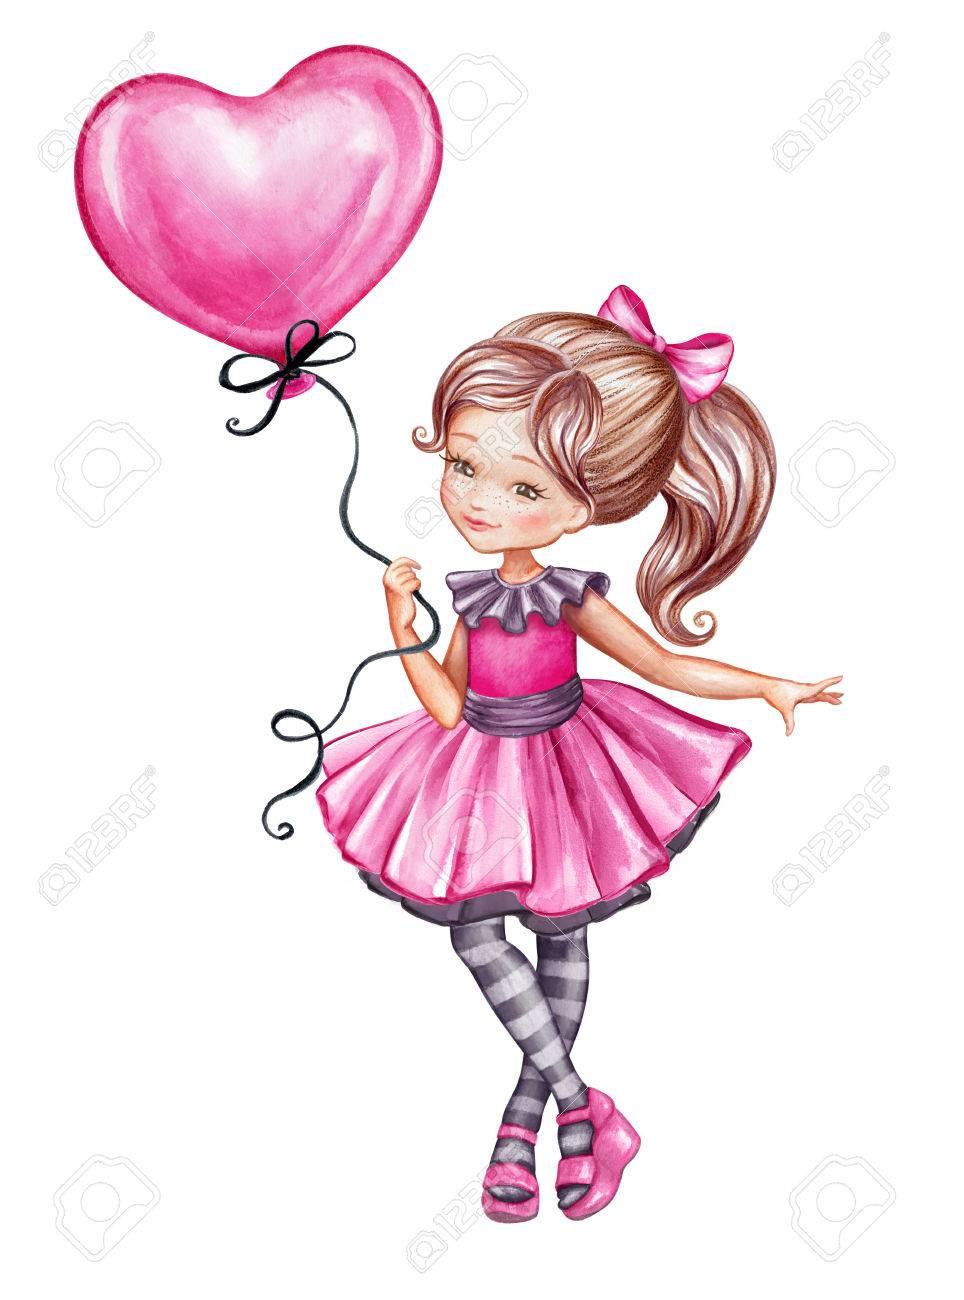 Ilustración Acuarela, Linda Chica En Vestido Rosa Con Globo Rosado ...